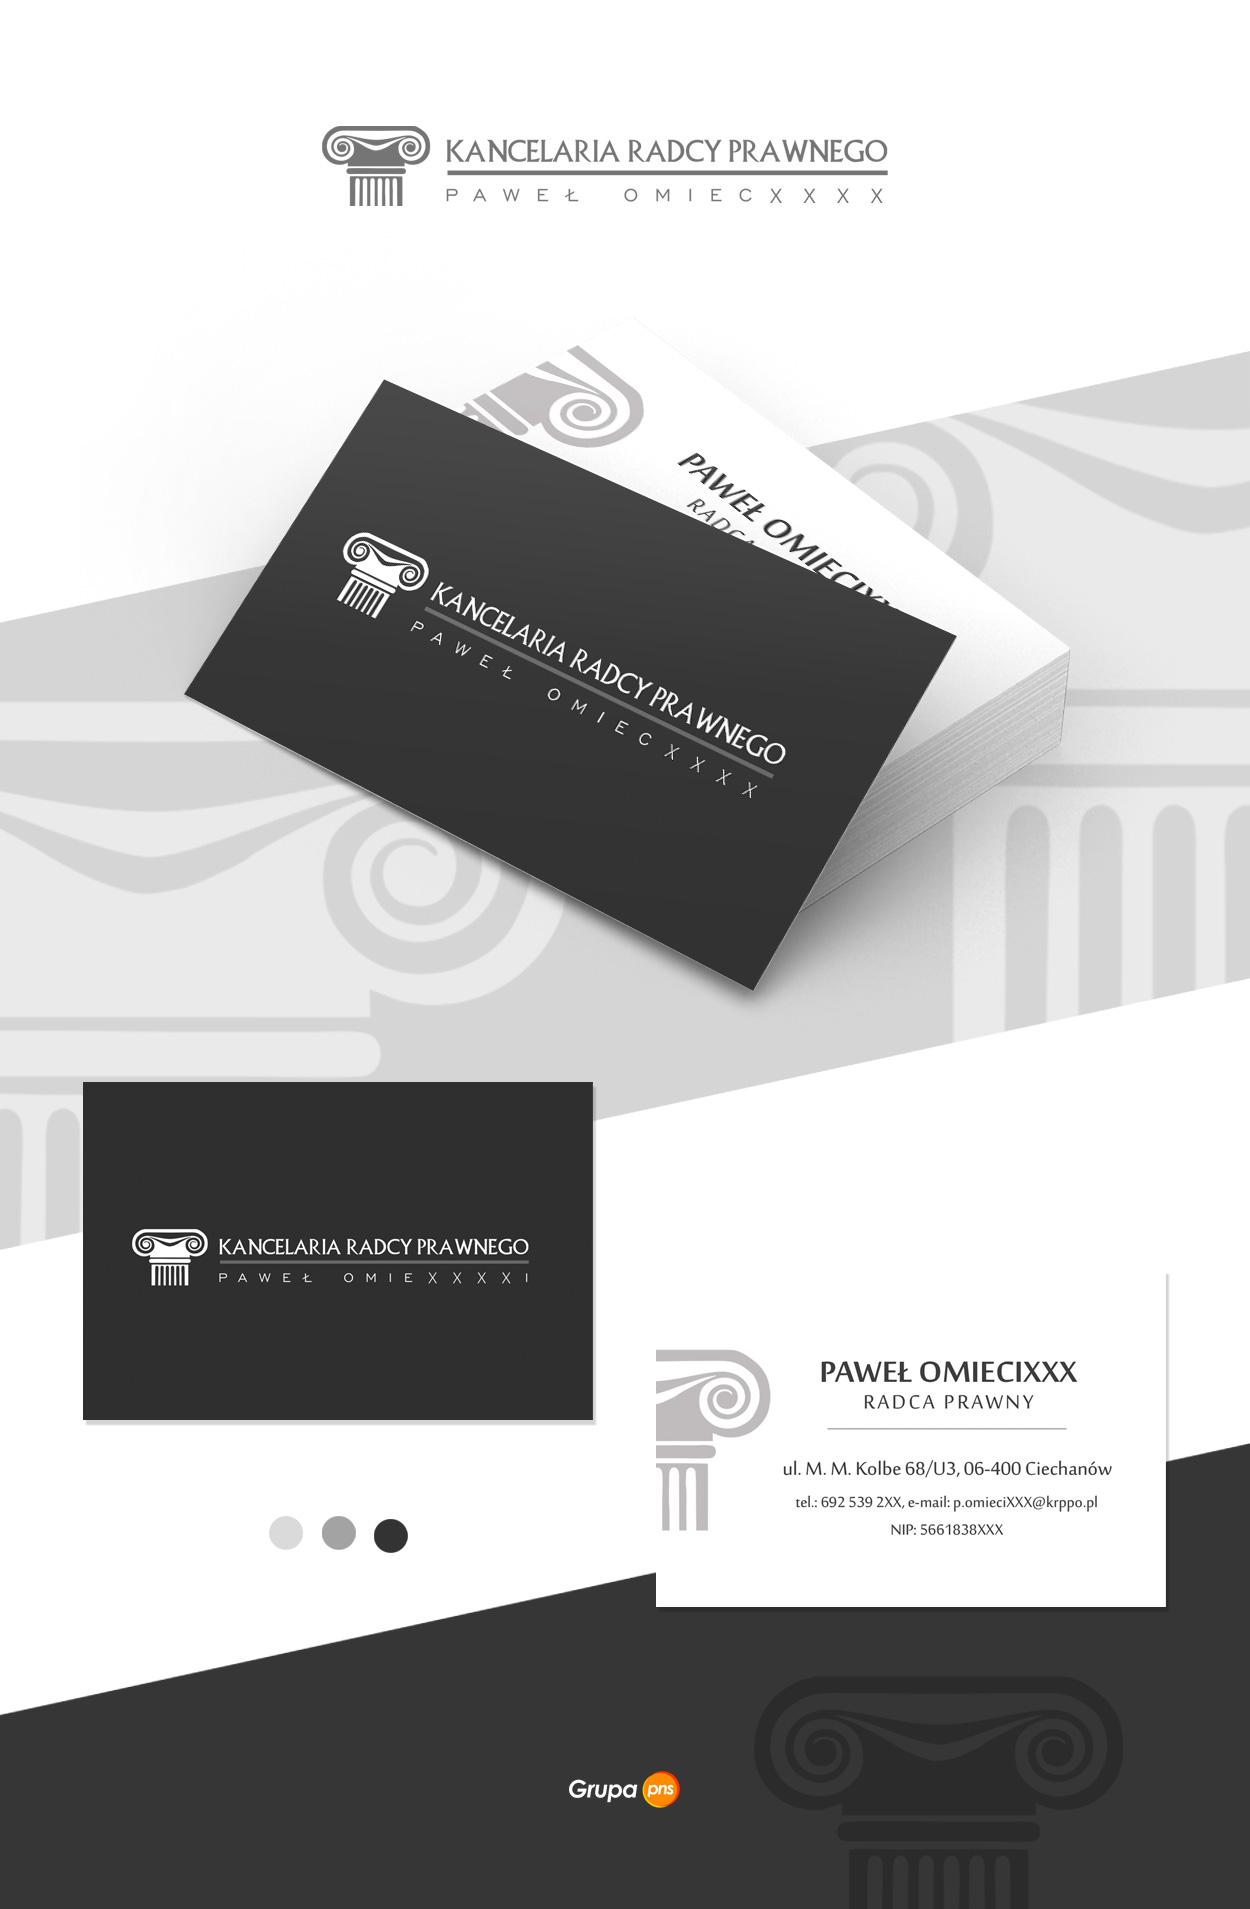 projekt wizytowki dla radcy prawnego pawel o - Projekt wizytówki dla Radcy Prawnego - Kancelaria Paweł O.